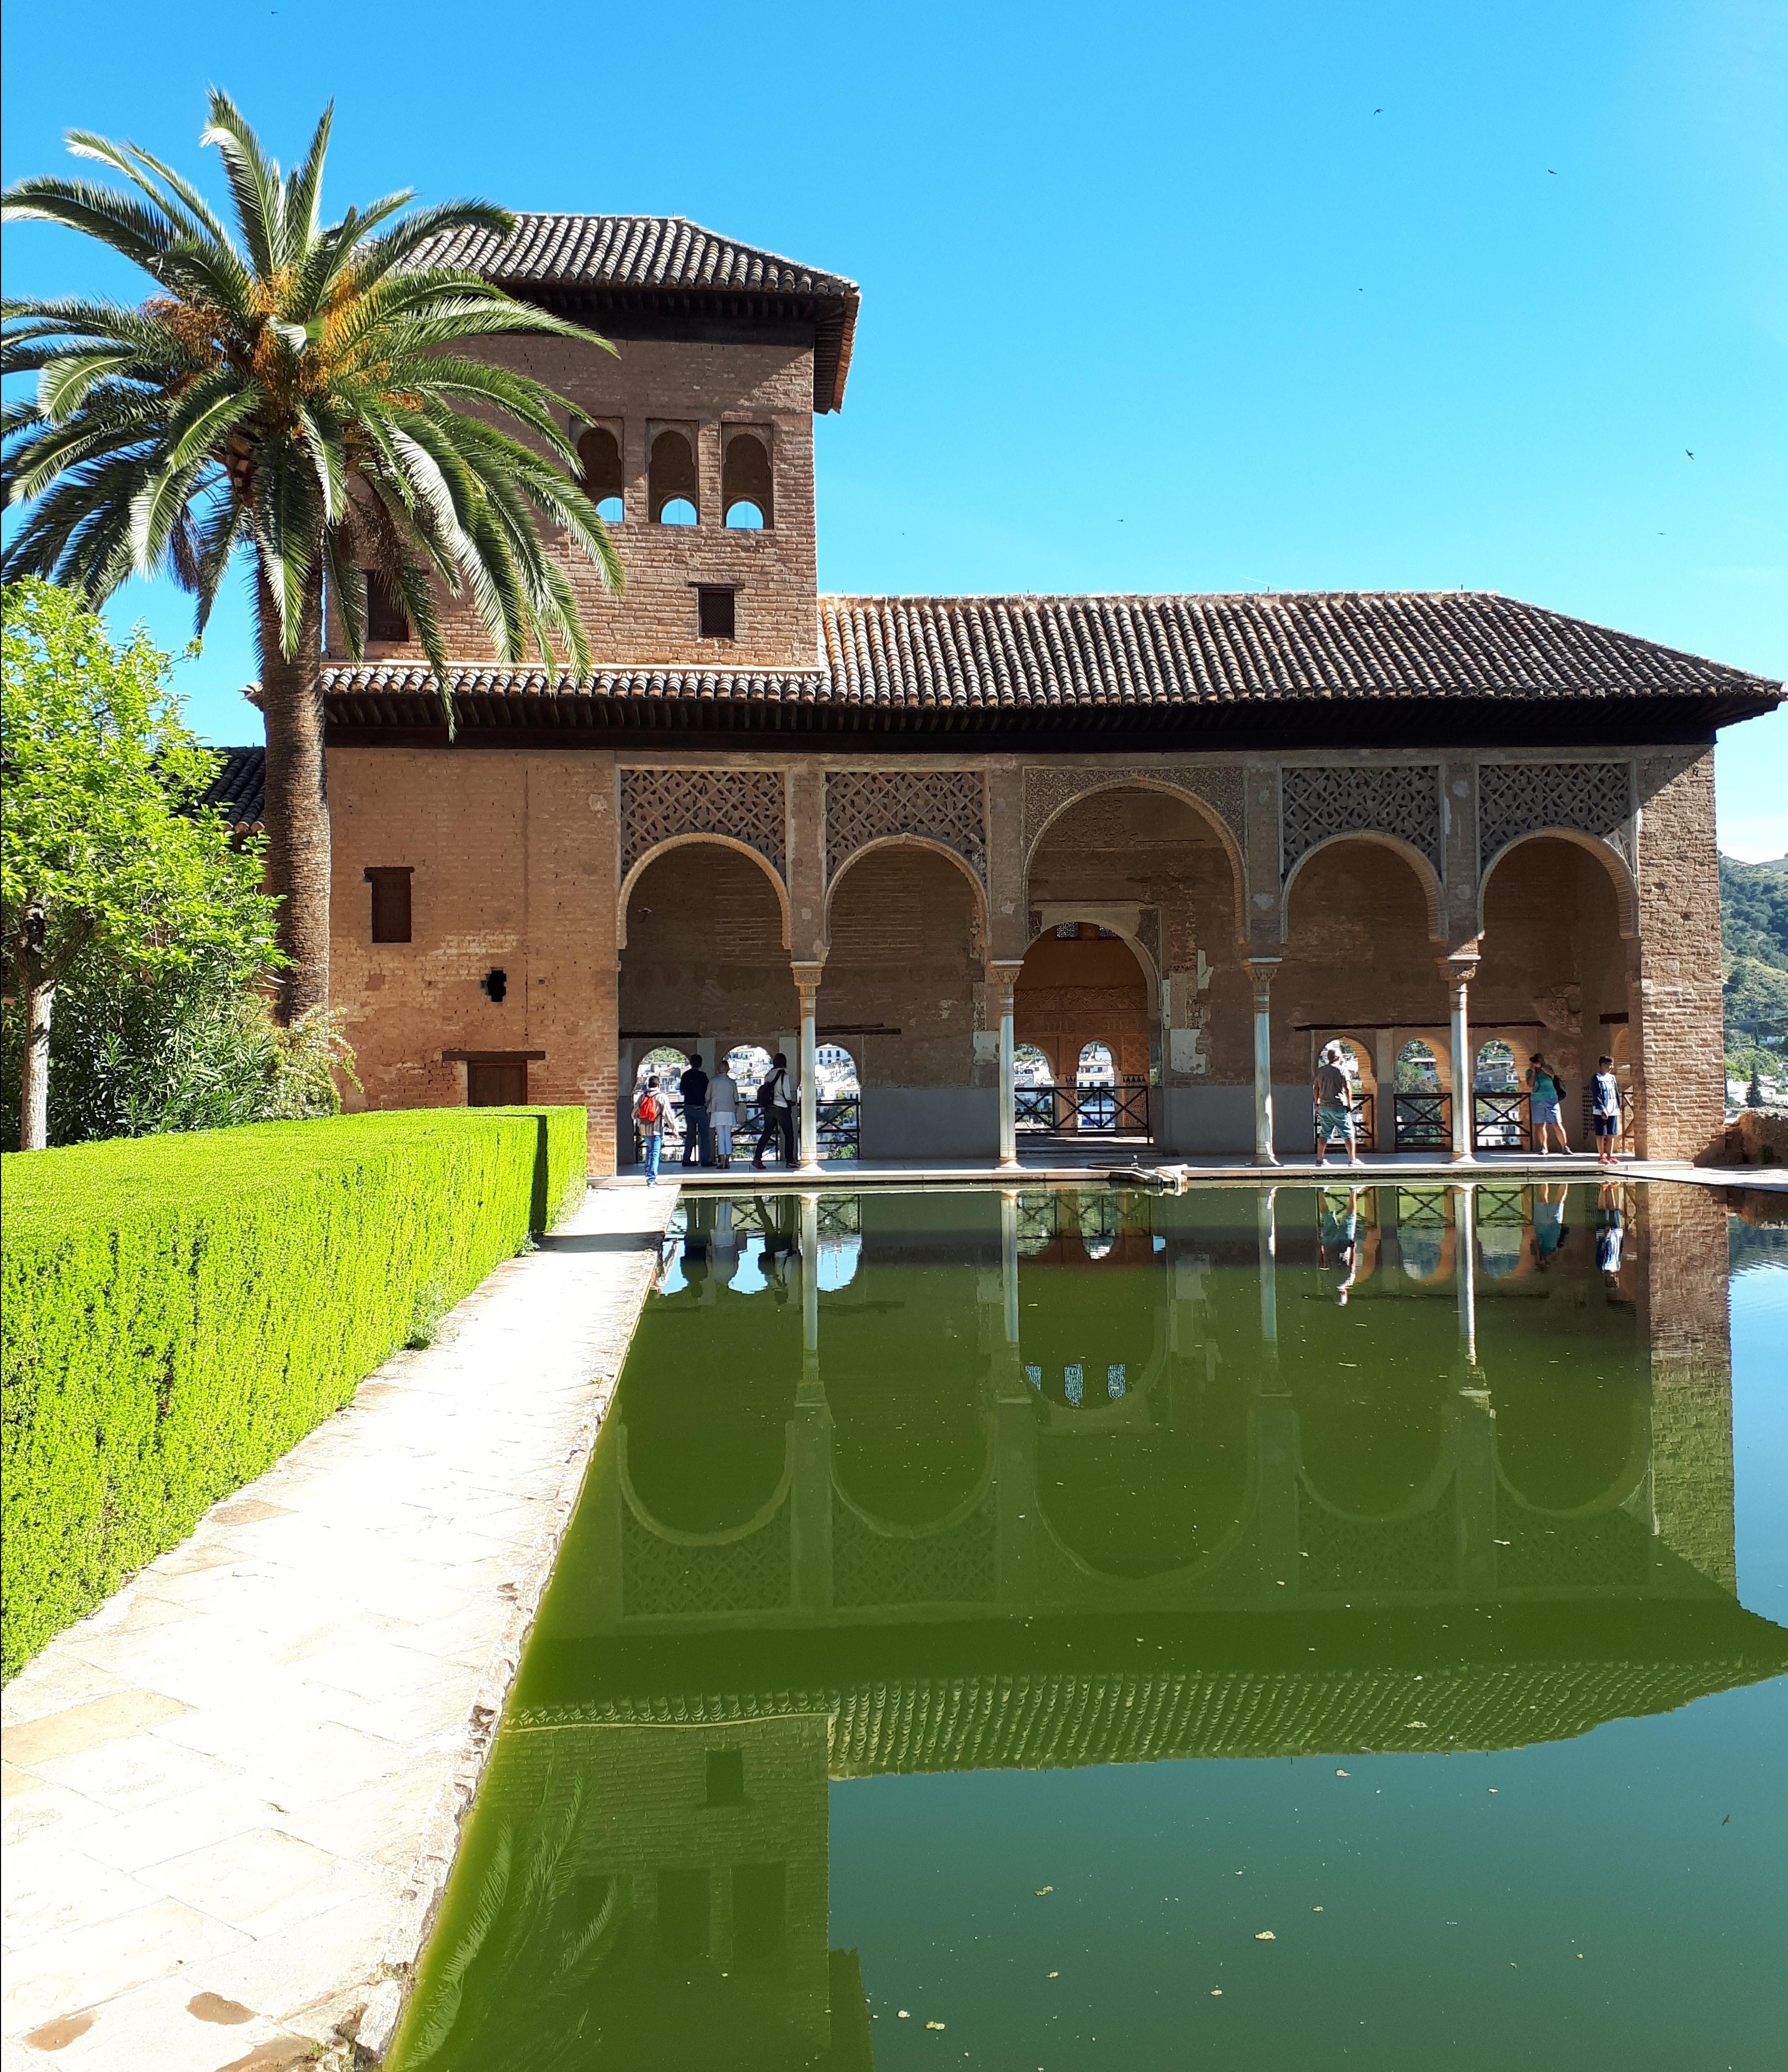 Jardín de la Alhambra con un estanque verde en el cual se refleja uno de los edificios con conforman este monumento.